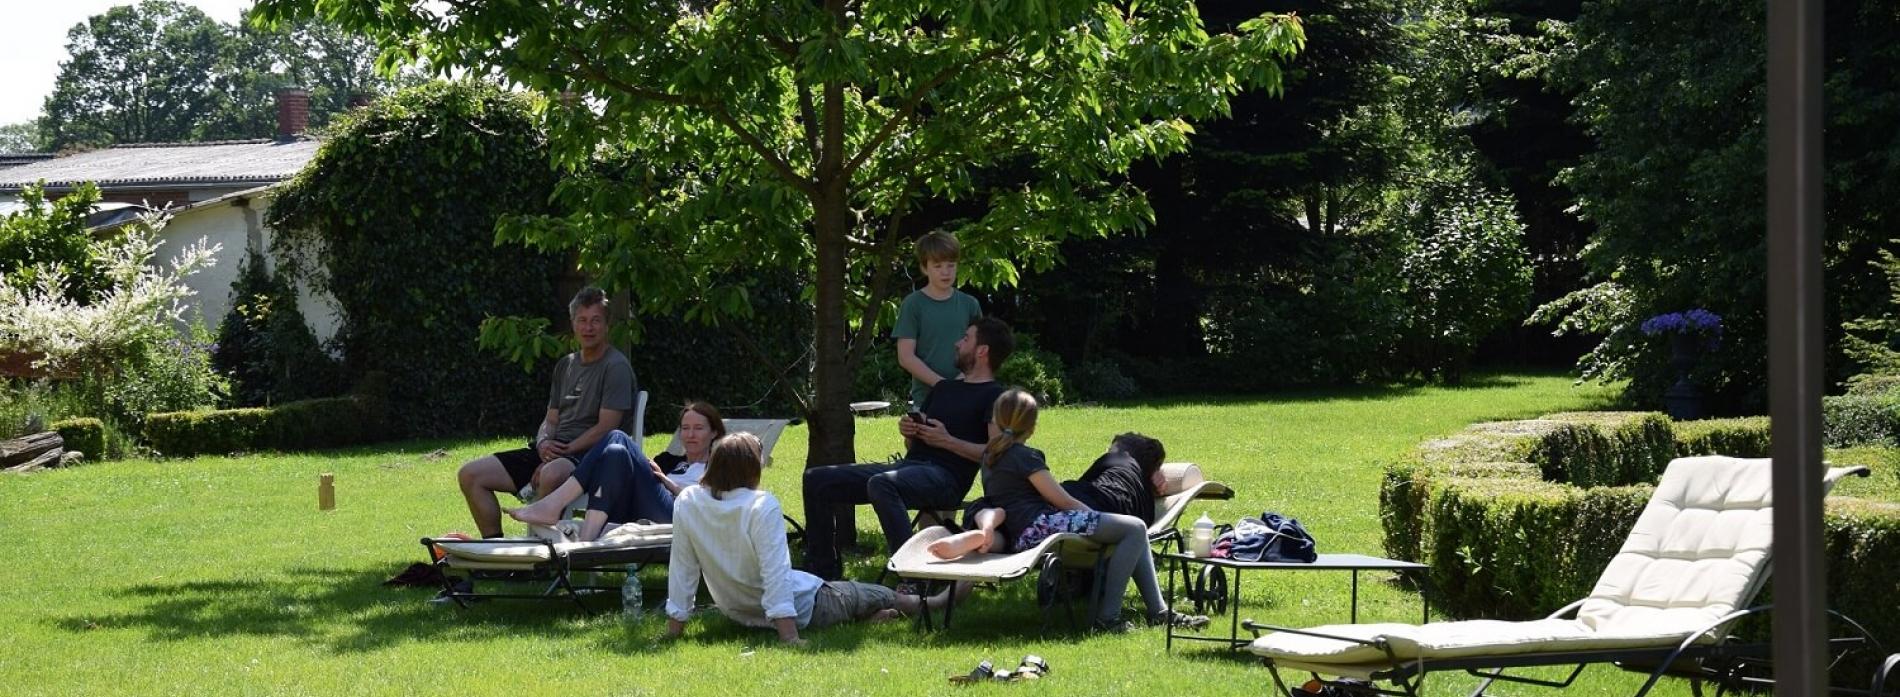 Gutshaus Volzrade Garten Gäste Kirschbaum